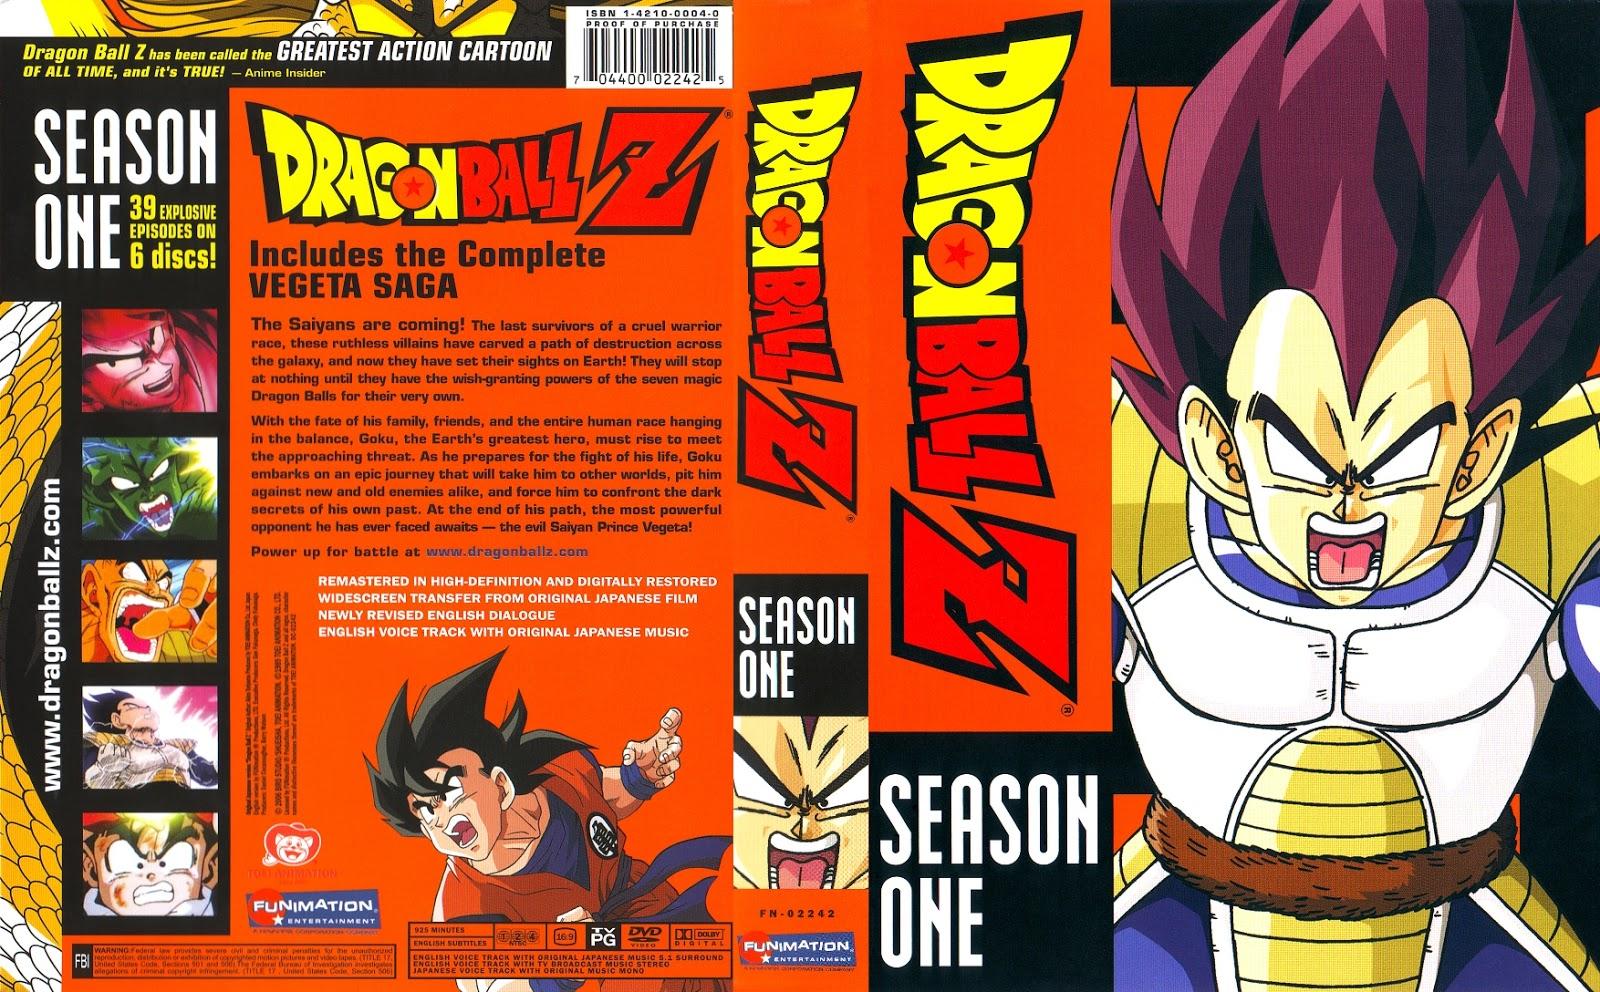 Dragon ball z season 7 episode 9 / Love and hip hop